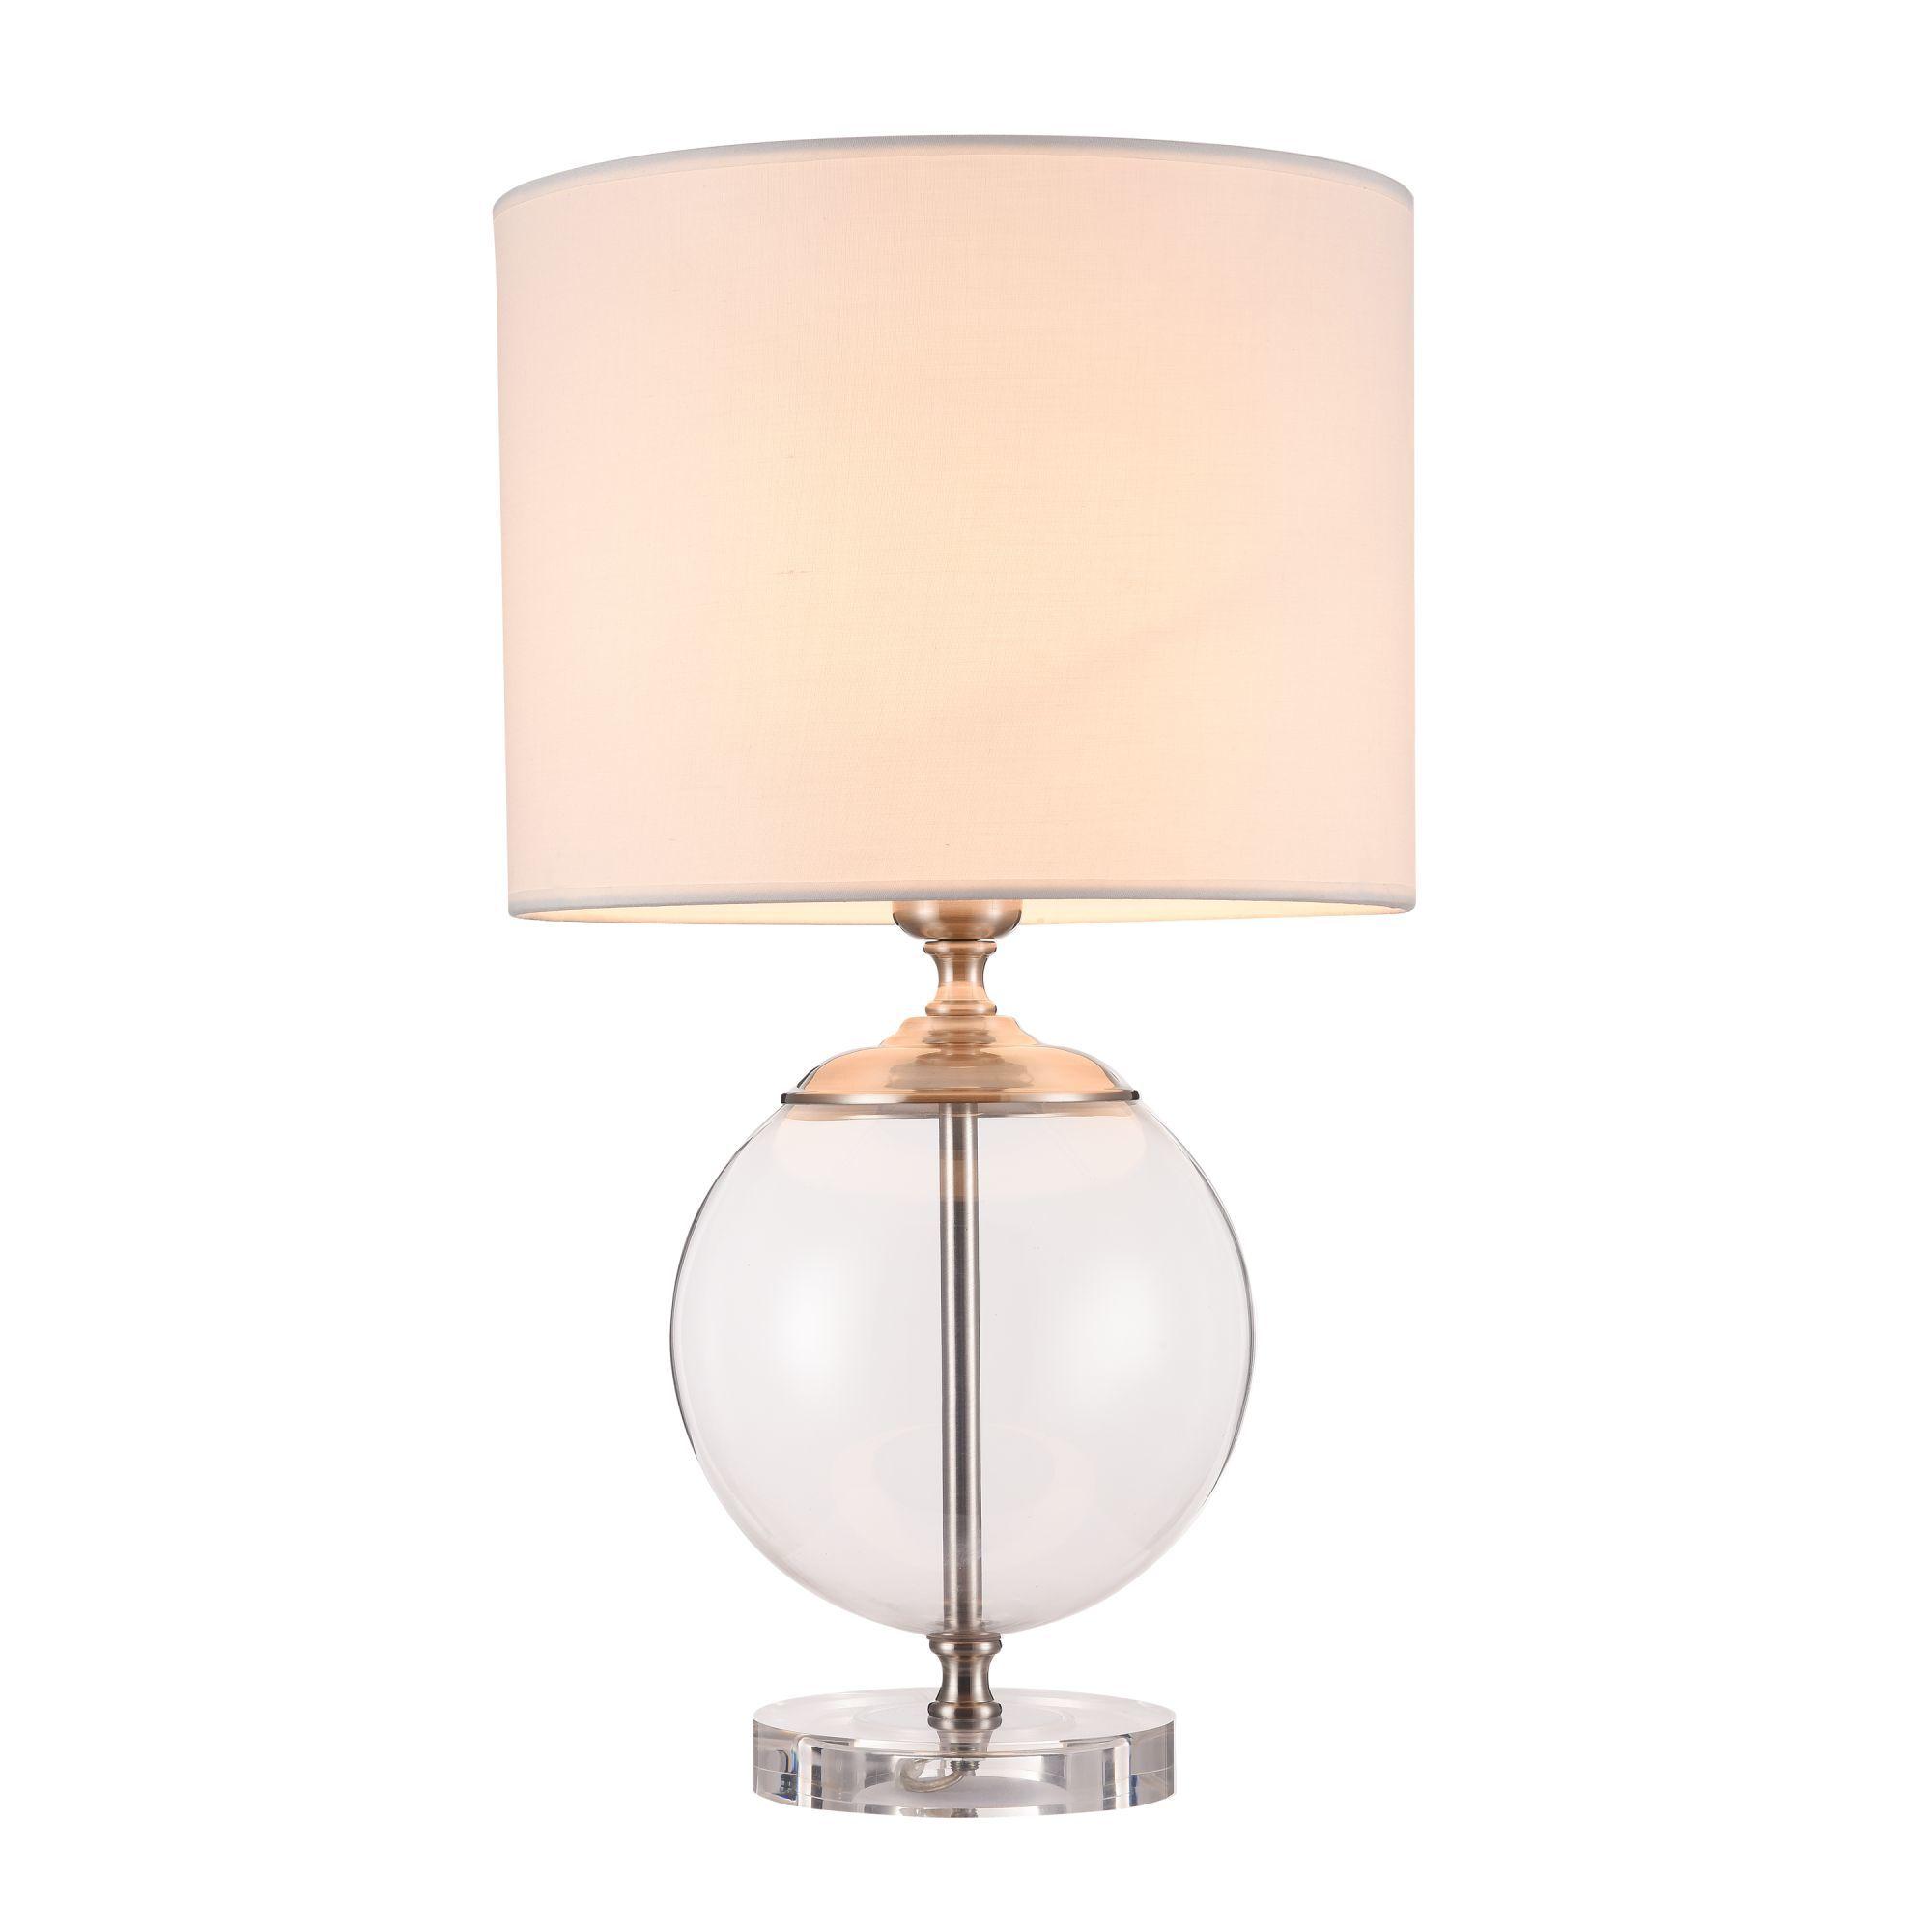 Настольная лампа Maytoni Lowell Z533TL-01N, 1xE27x40W, никель с прозрачным, прозрачный с никелем, бежевый, стекло с металлом, текстиль - фото 2